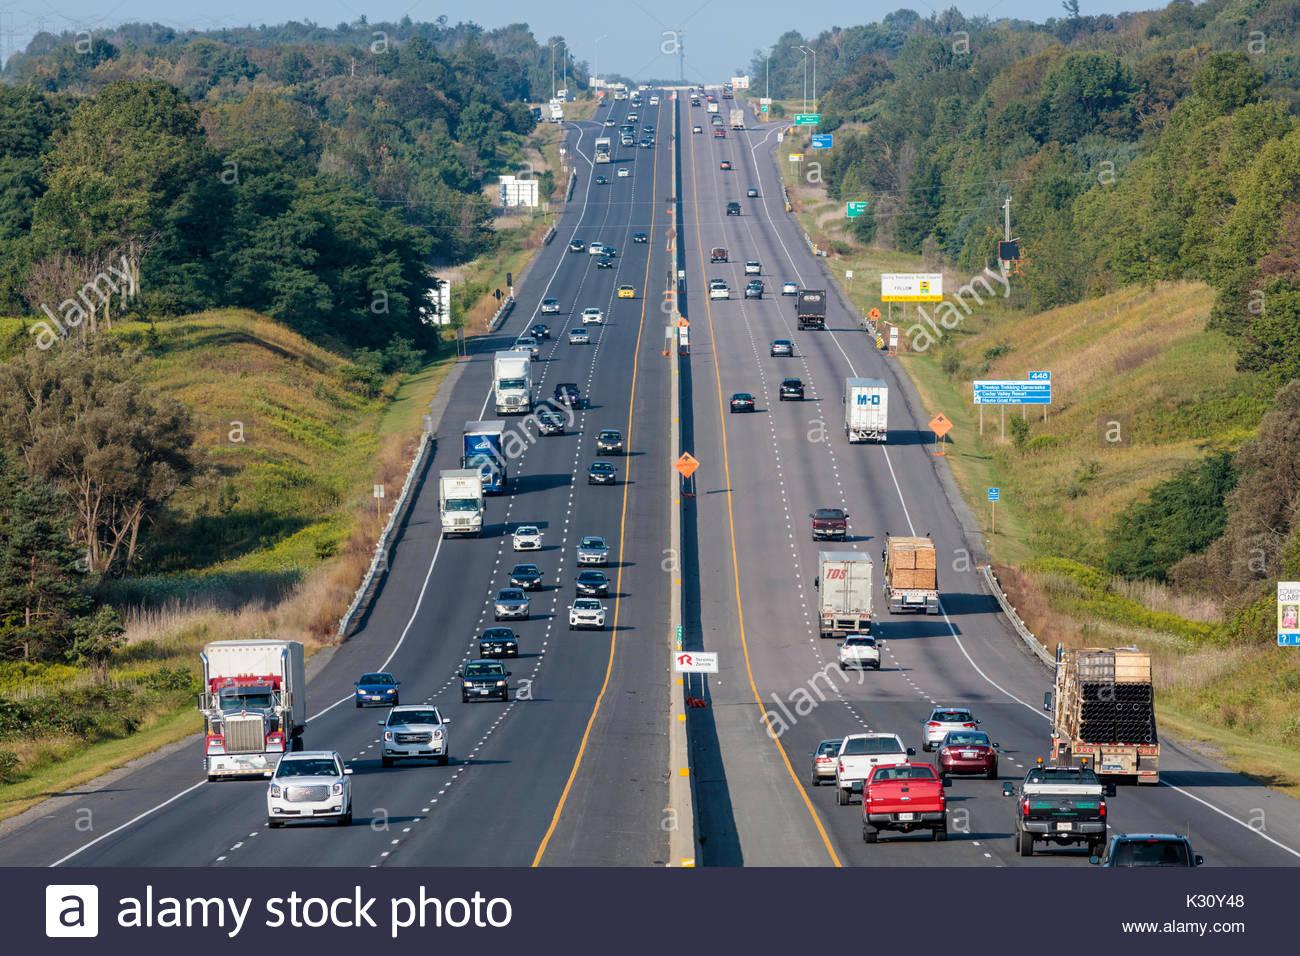 Il traffico su autostrada autostrada Autostrada 401 controllati su strada-Accesso autostrada Autobahn autostrada vicino porto speranza Ontario Canada Immagini Stock